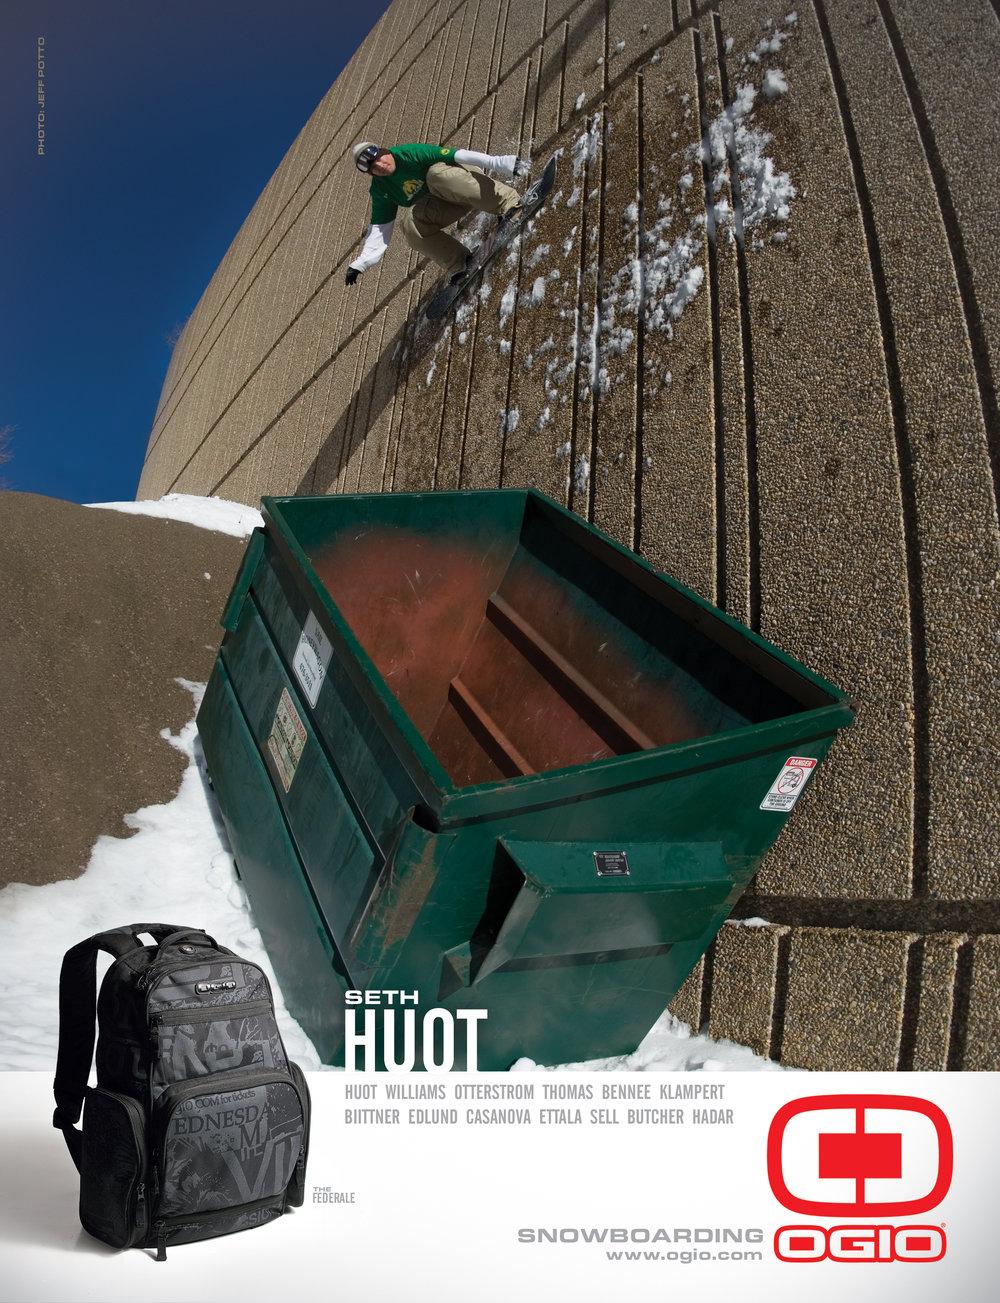 huot 2 final ad.jpg